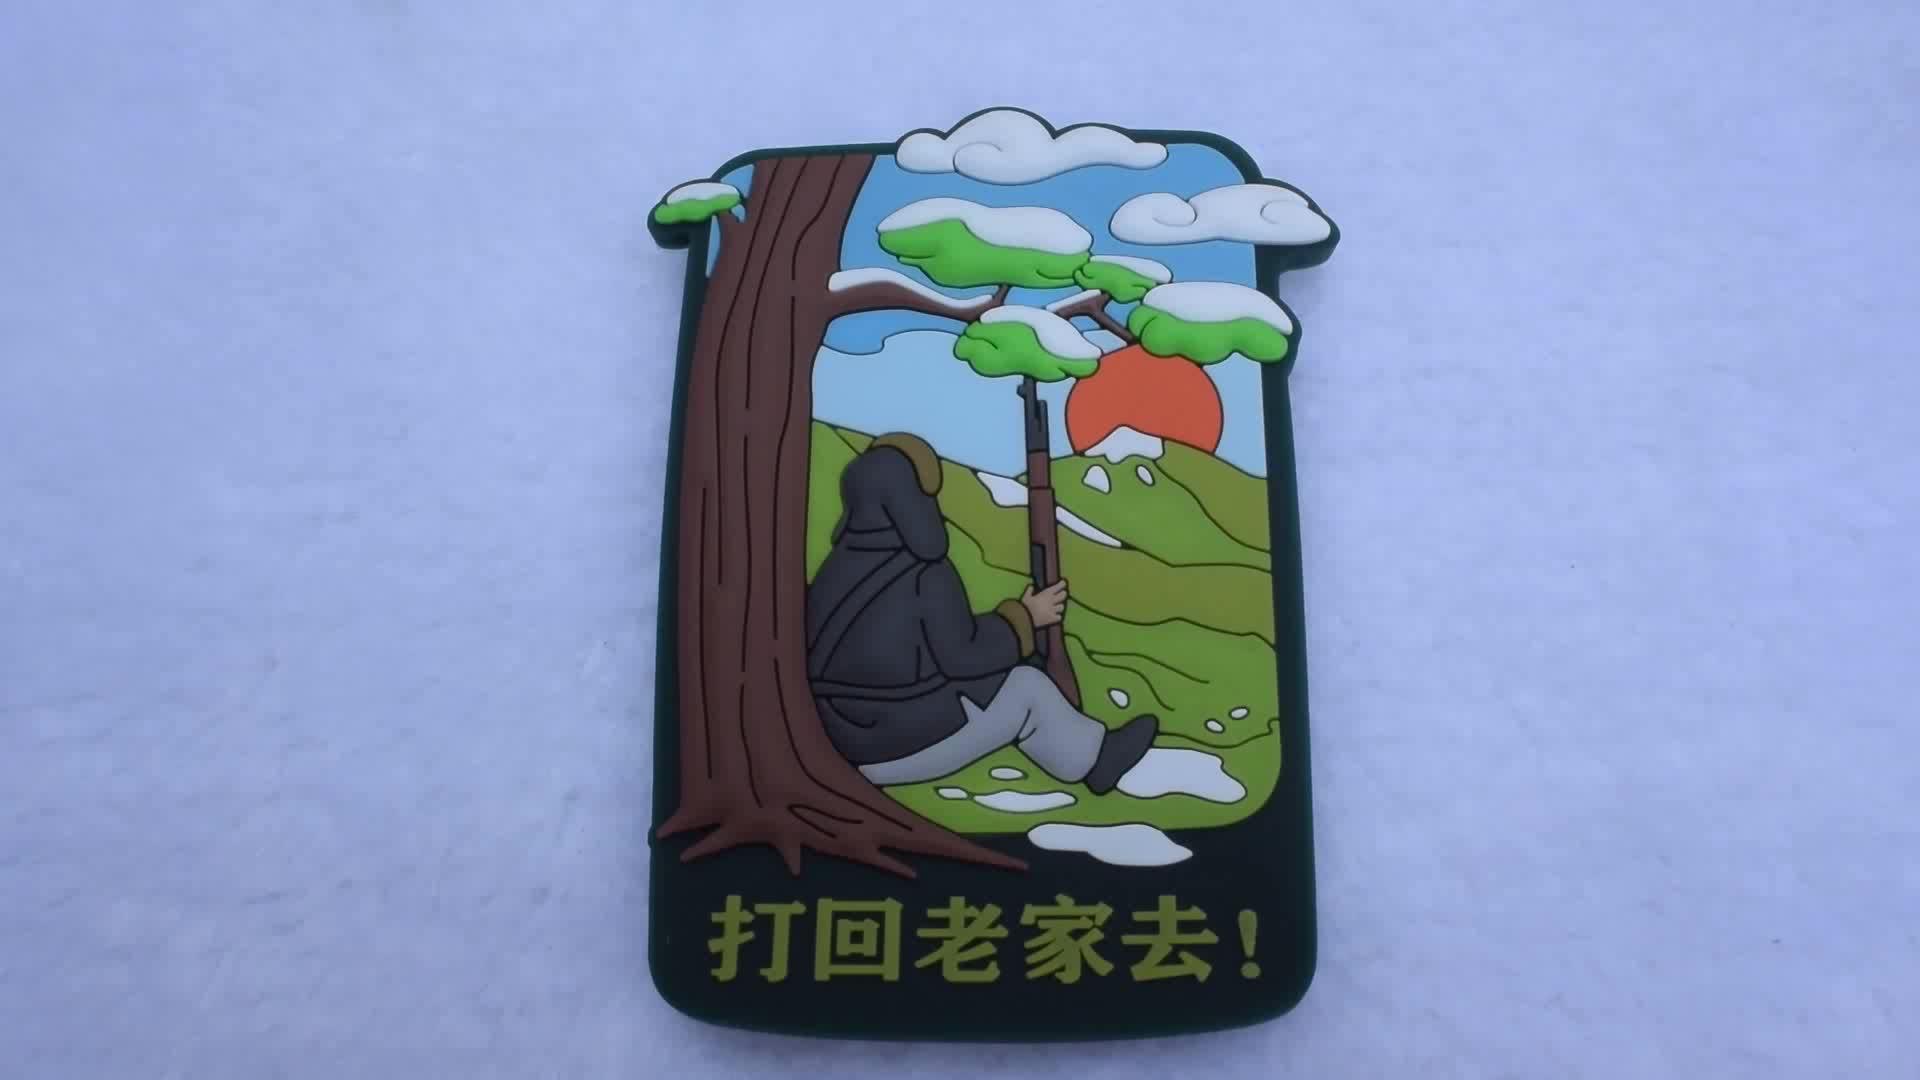 エンボス加工ロゴは、カスタムソフト pvc 冷蔵庫マグネット 3d お土産台湾省冷蔵庫マグネット